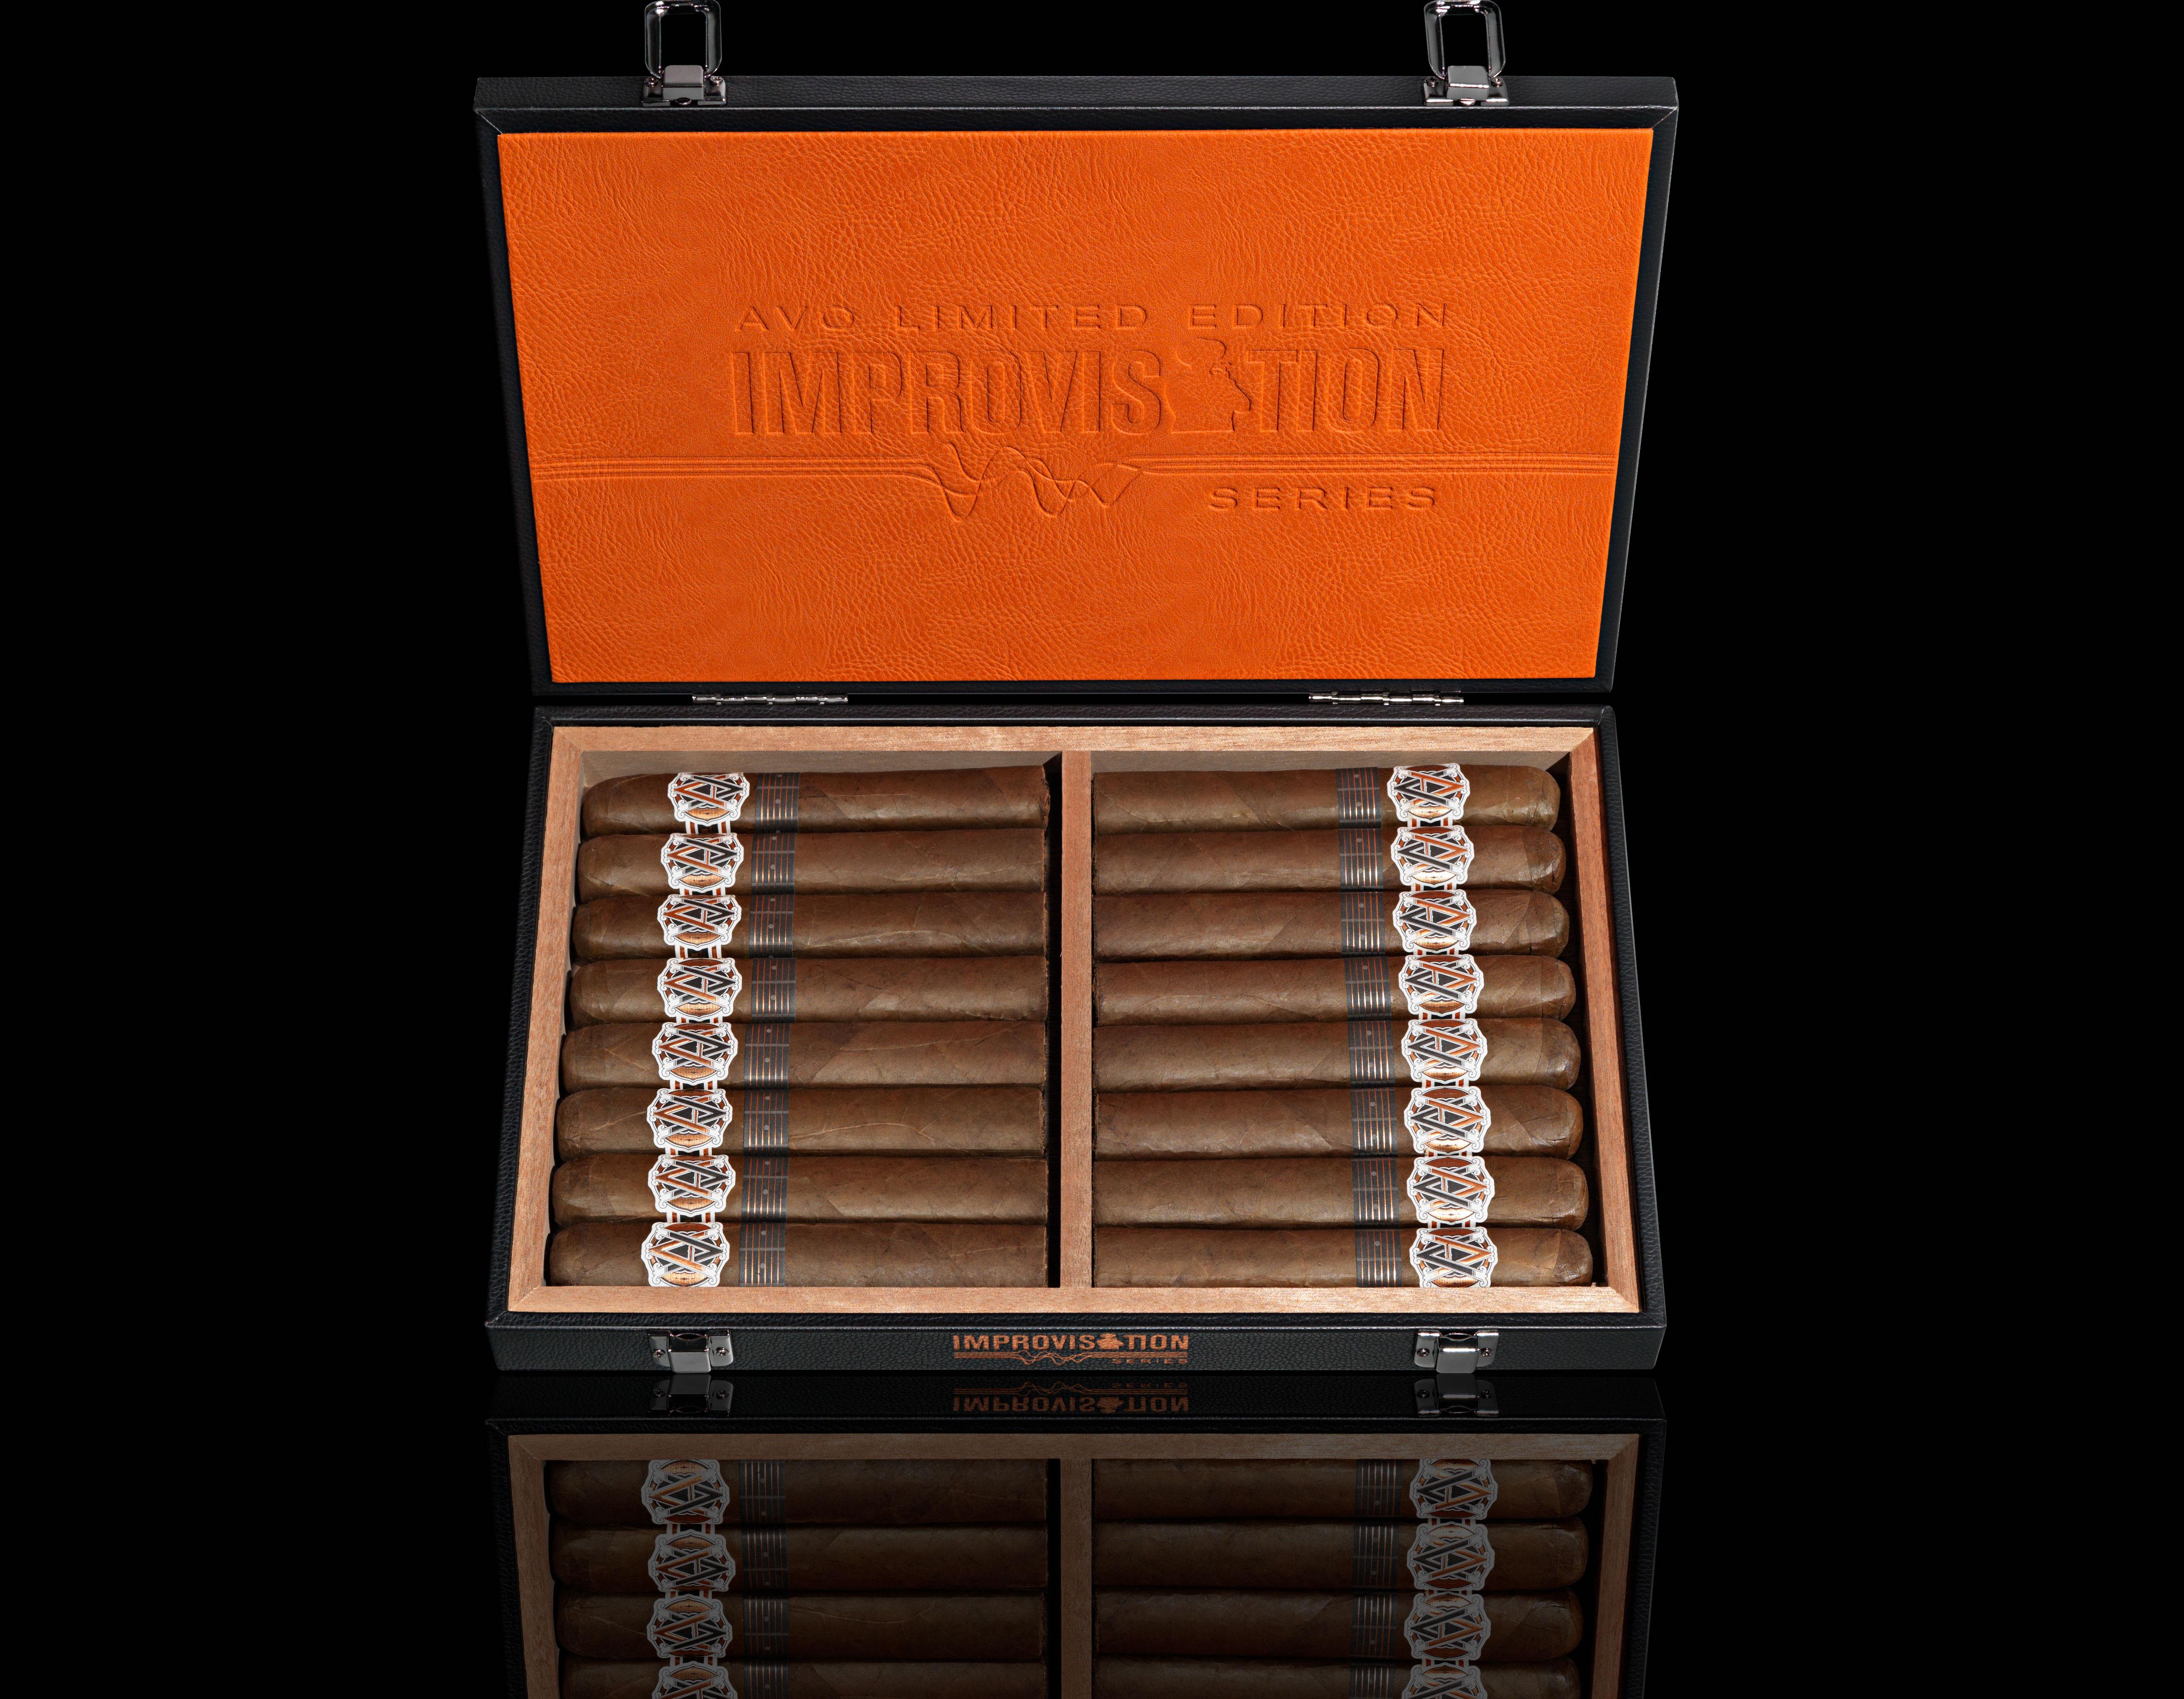 Cigar News: Avo Improvisation LE17 Announced